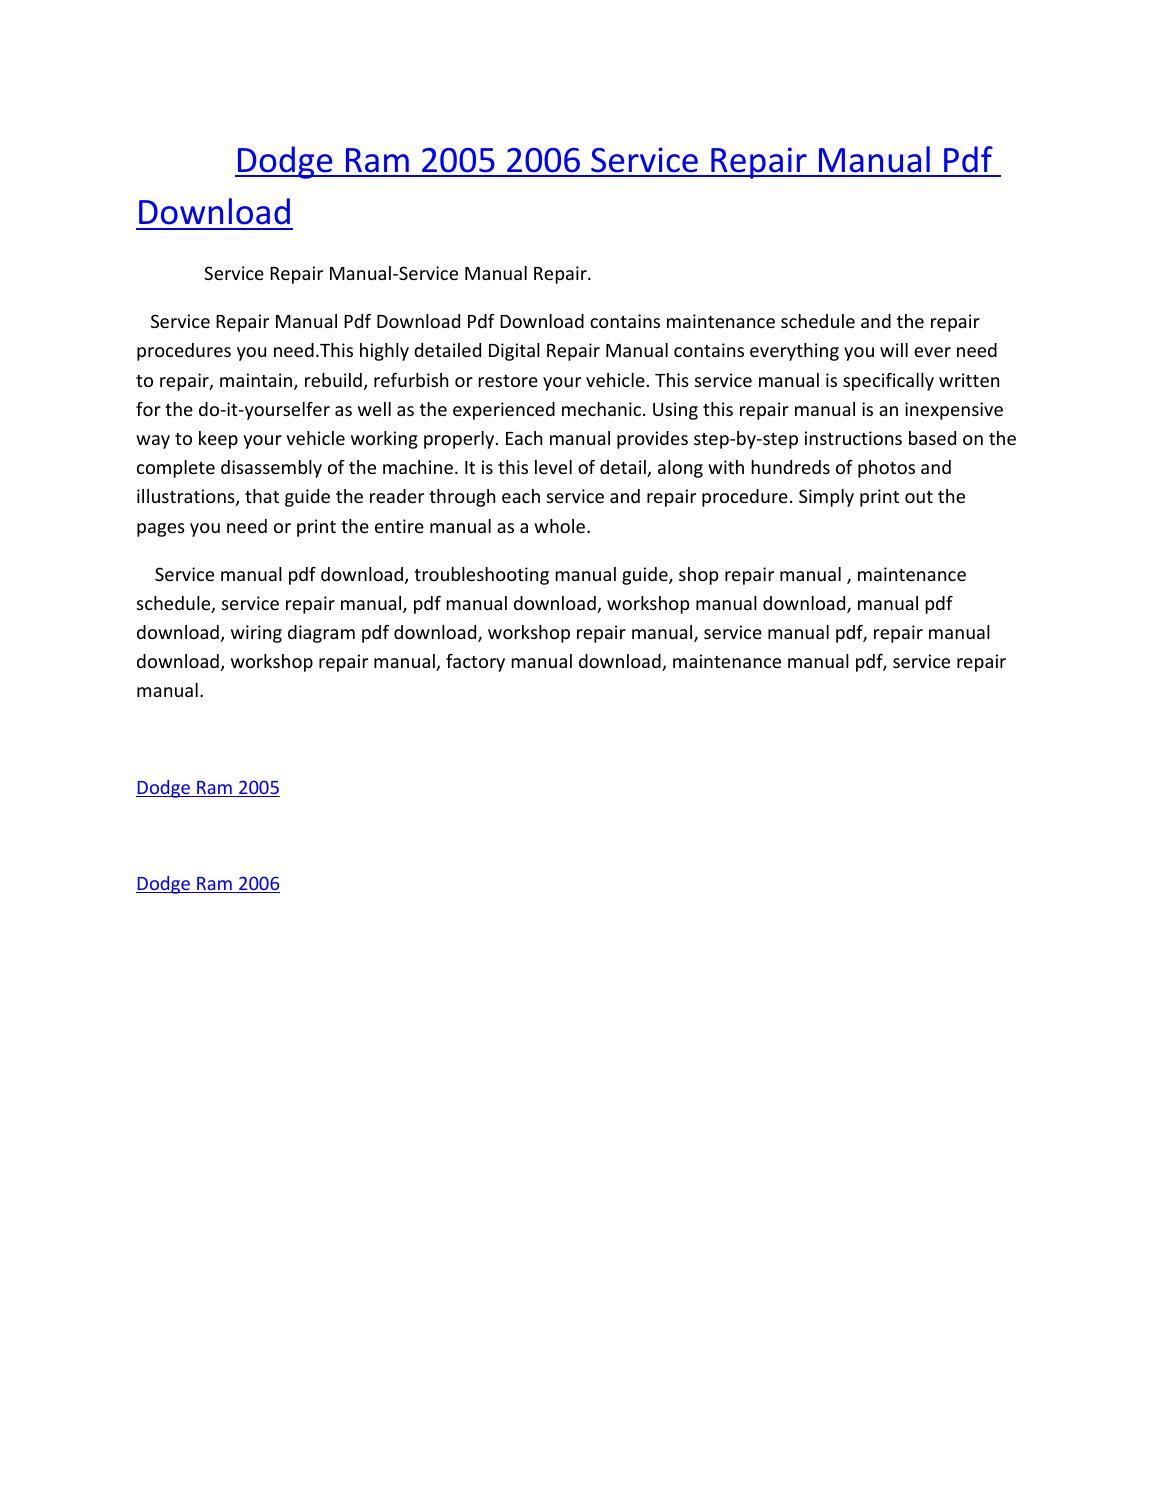 Dodge ram 2005 2006 service manual repair pdf download by amurgului - issuu